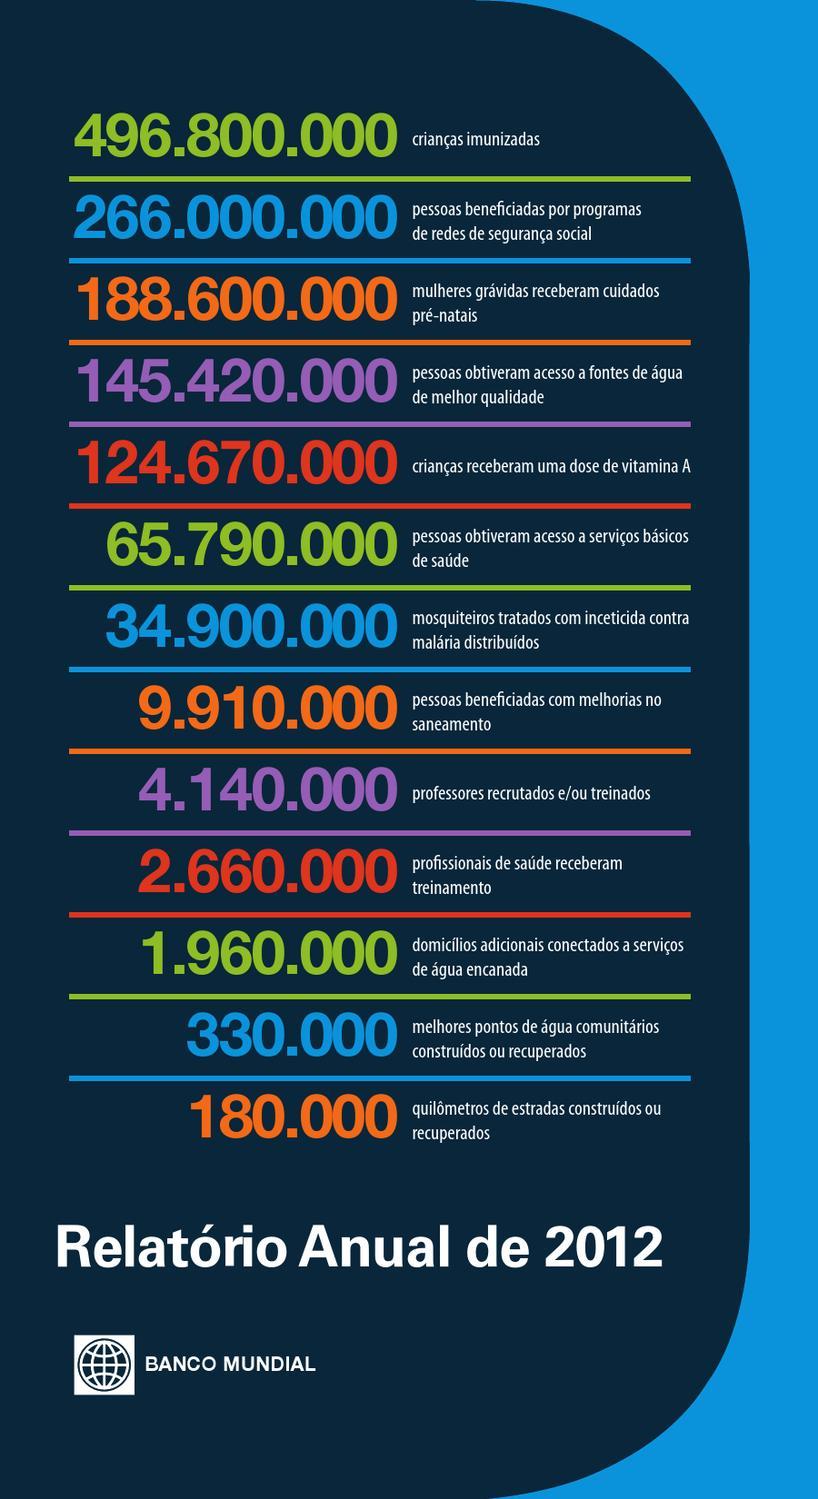 Relatório Anual 2012 by World Bank Publications - issuu 5ab907b03c649